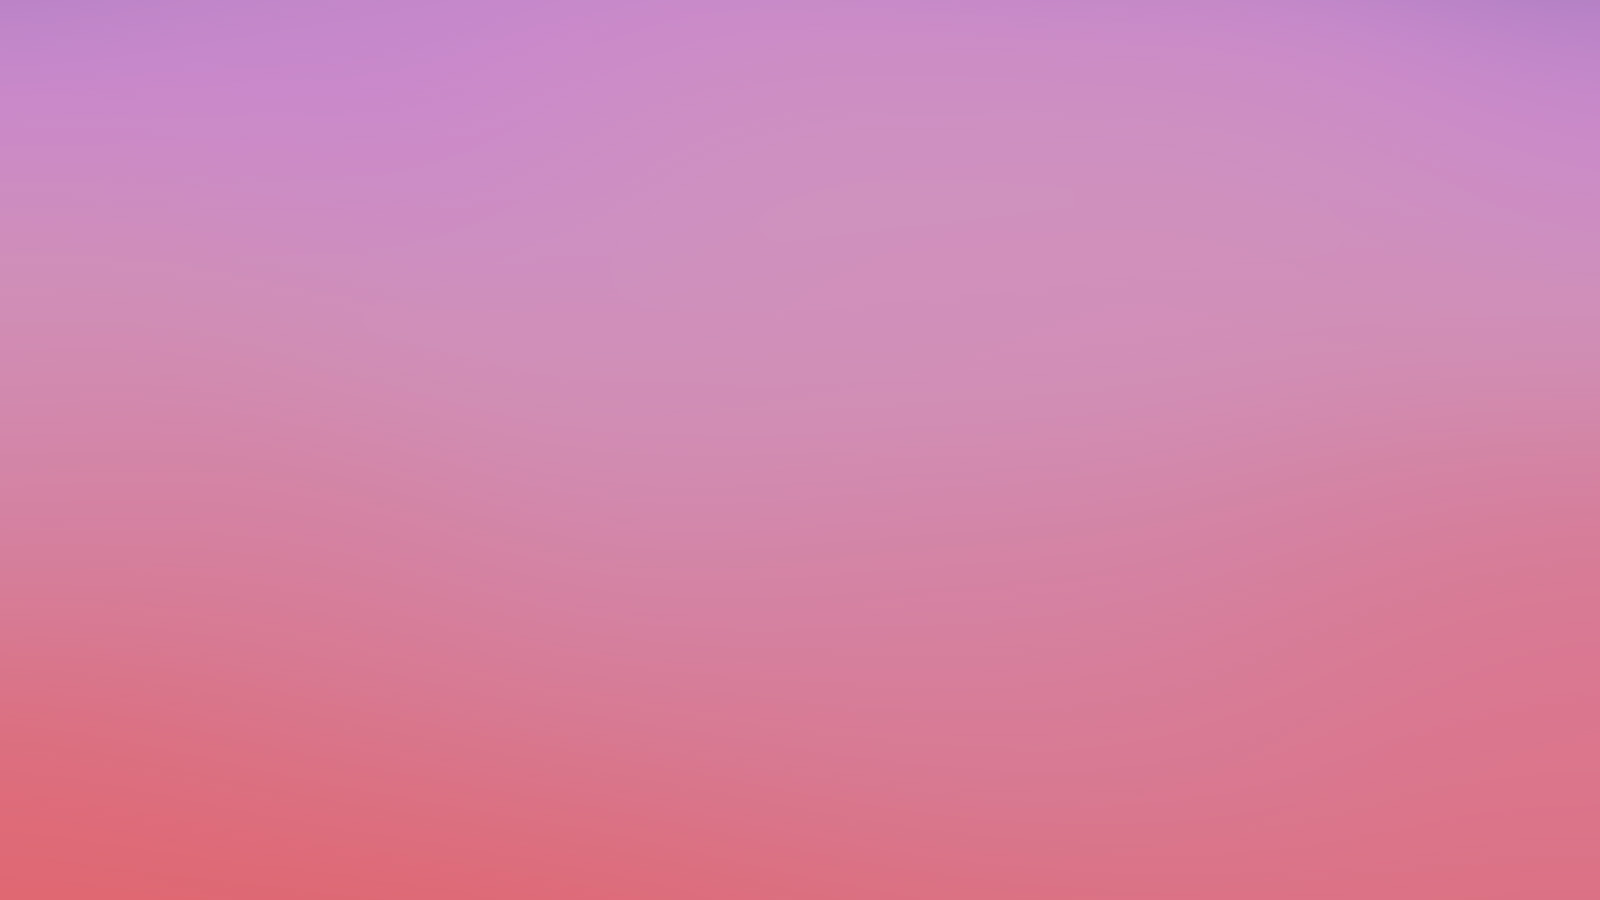 Batman Logo Iphone Wallpaper Wallpaper For Desktop Laptop Sl77 Red Pink Peach Blur